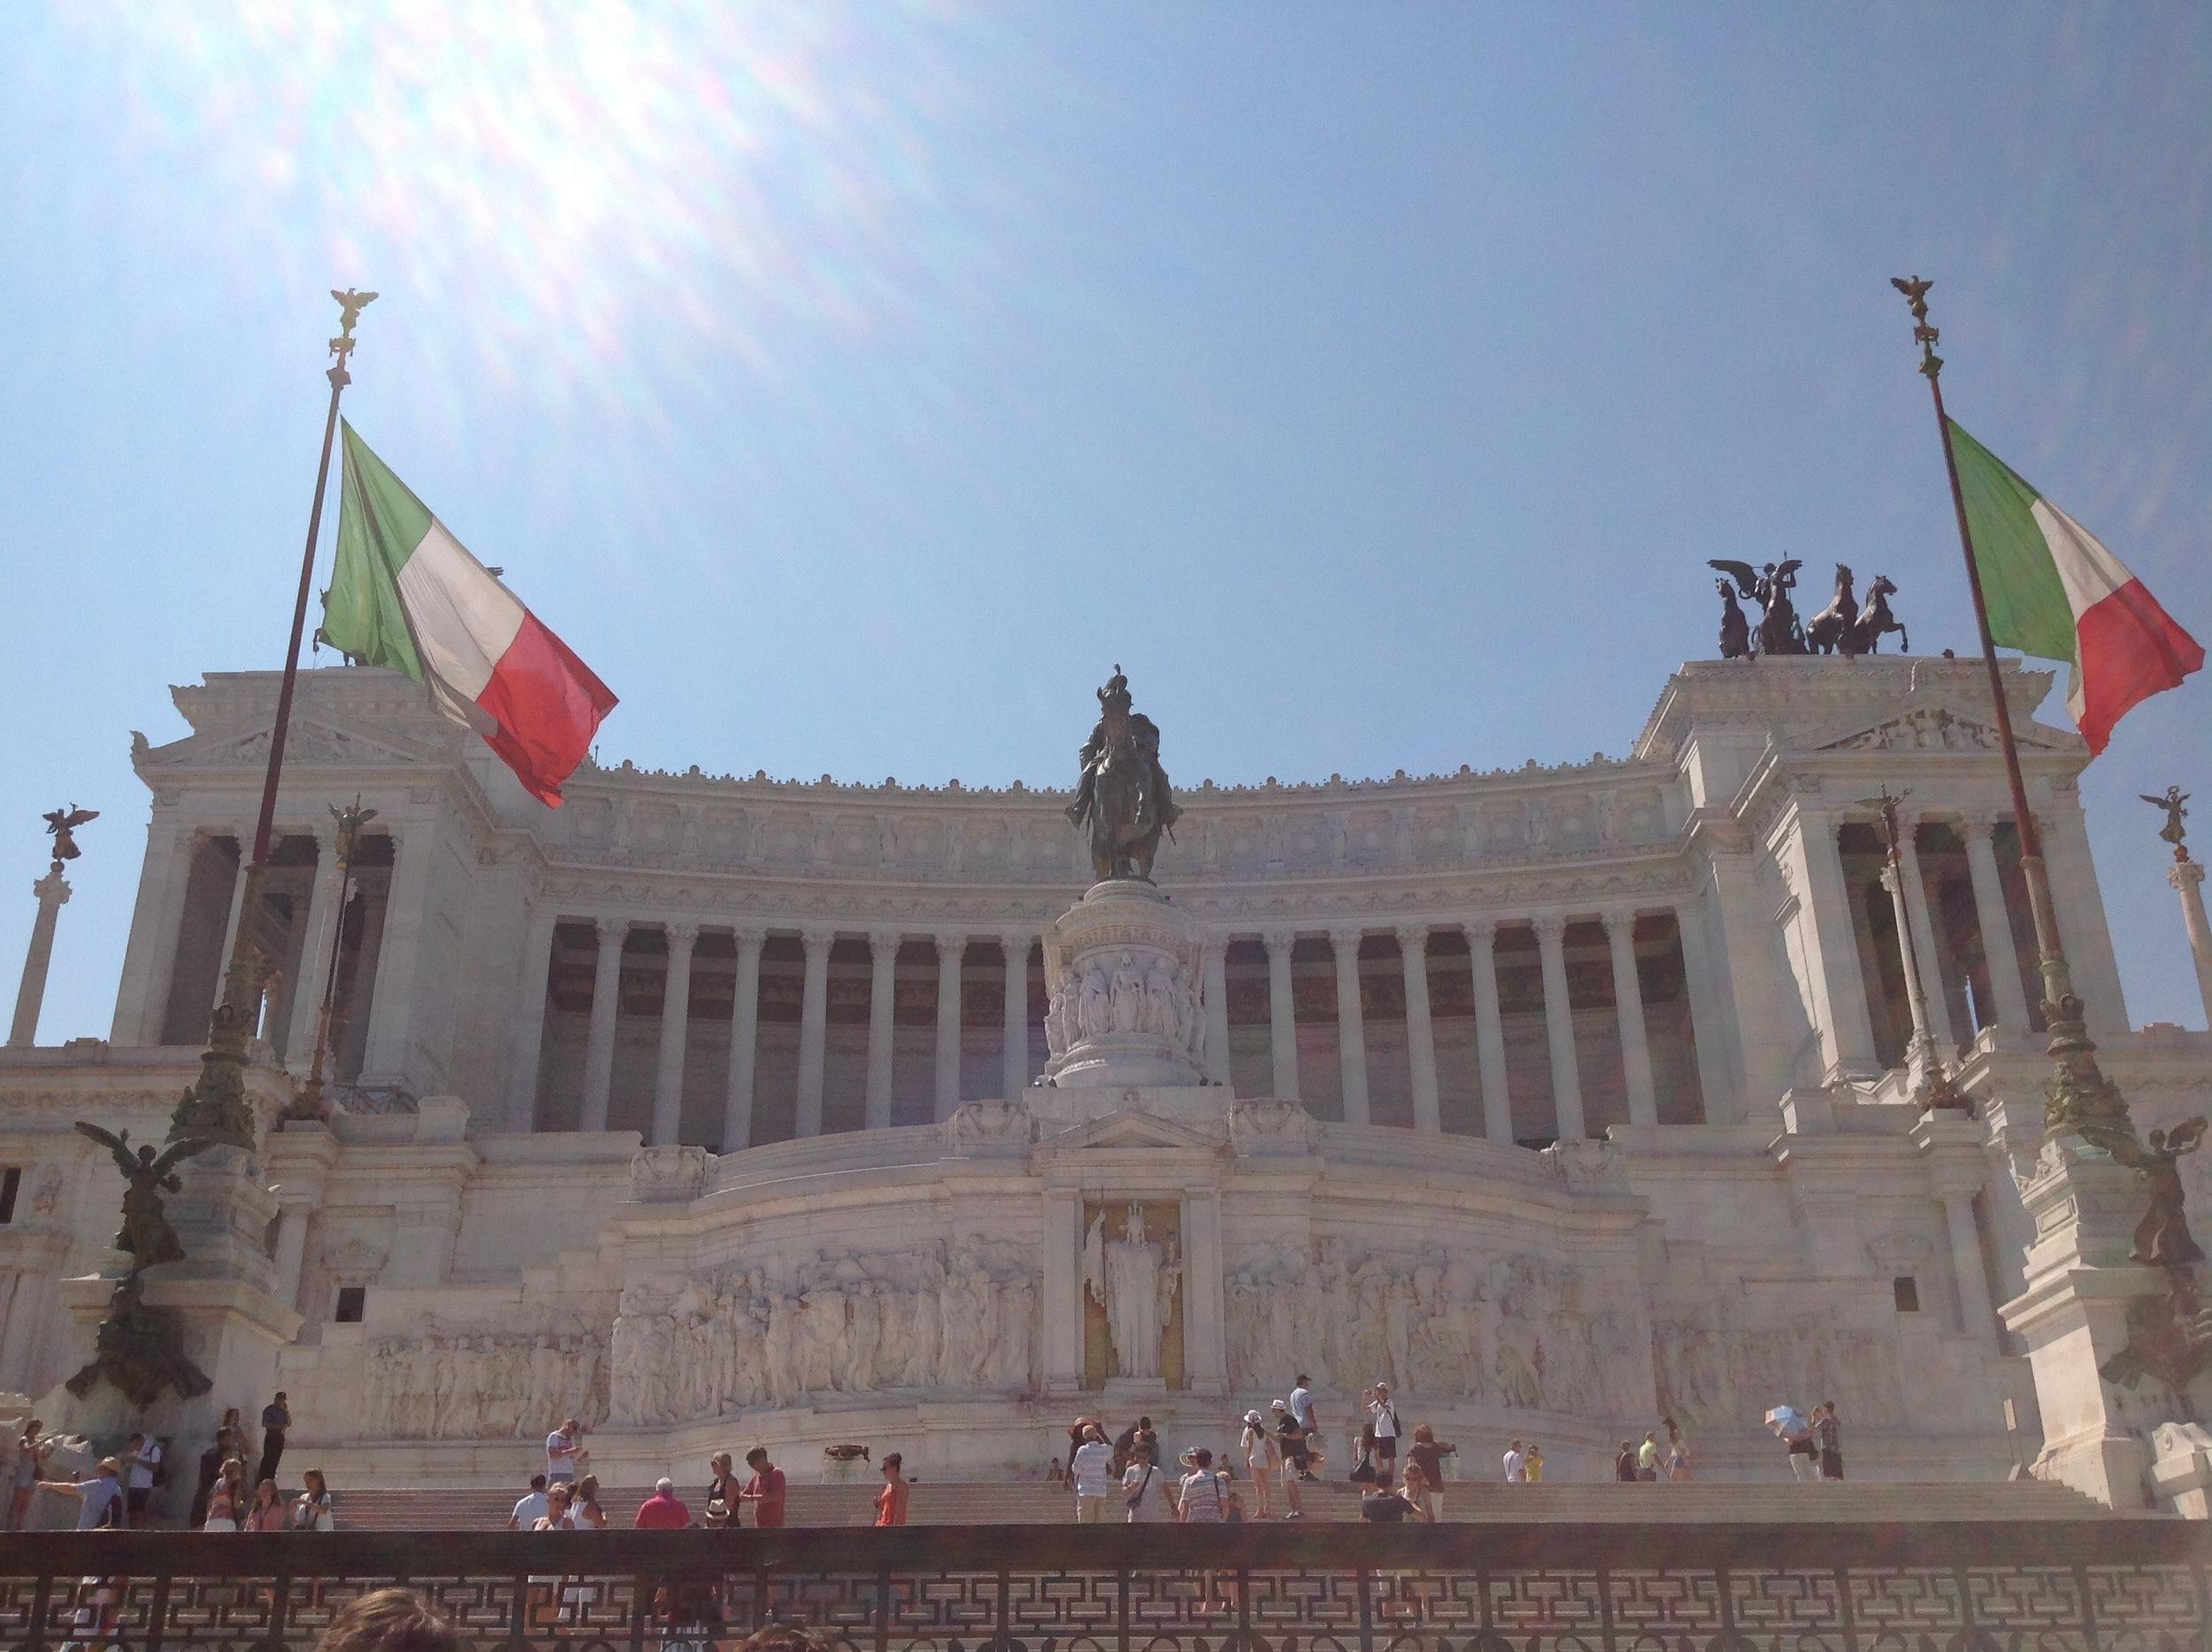 """L'Altare della Patria, a.k.a. Il Monumento Nazionale a Vittorio Emanuele II or """"Il Vittoriano"""" – designed, in 1885, by architect Giuseppe Sacconi; built 1911-1925"""